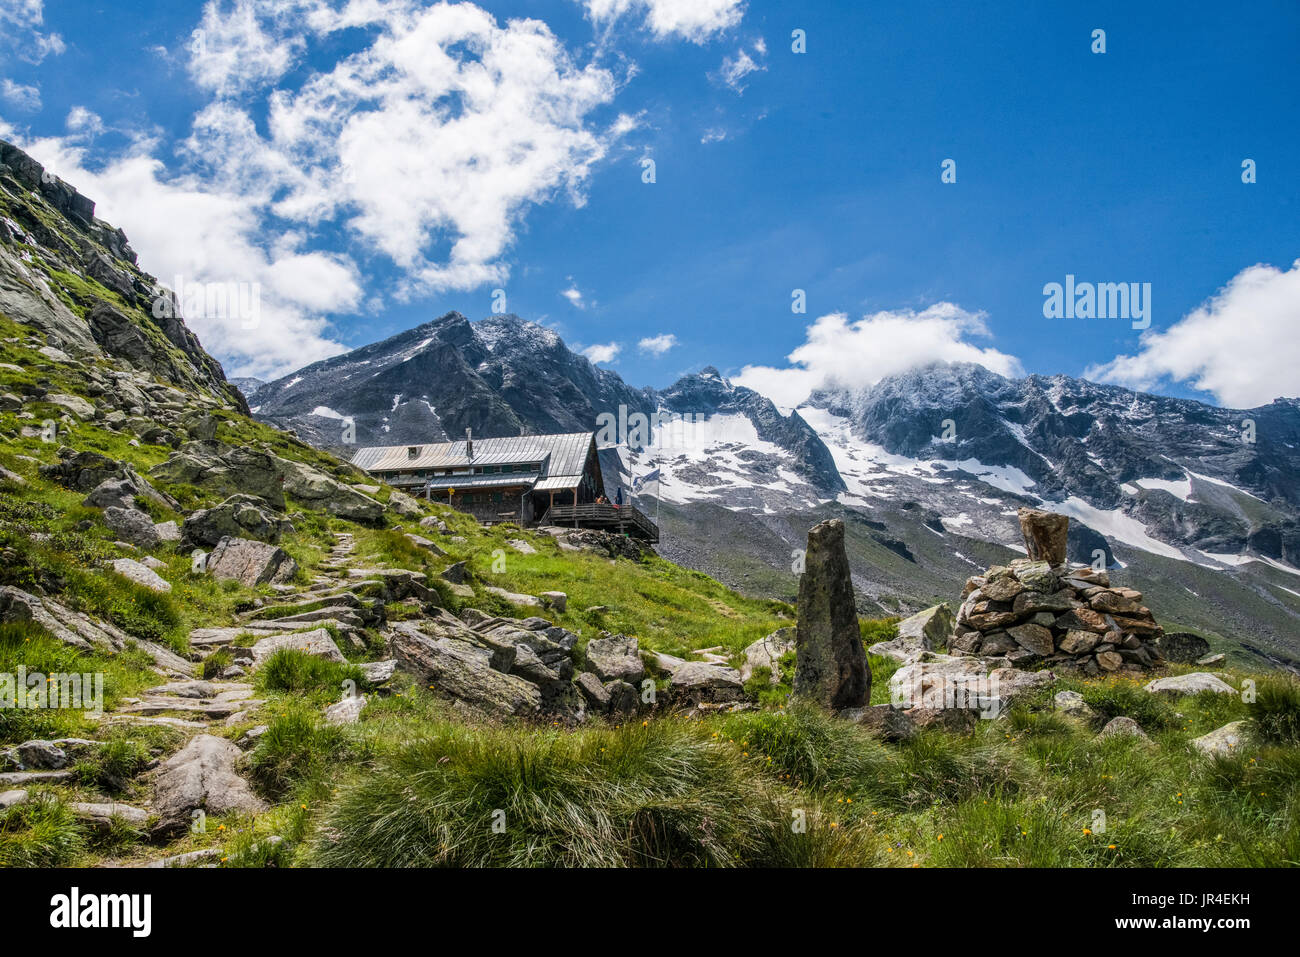 Trekking in the Zillertal seen here with Kasseler Hut mountain refuge. Stock Photo